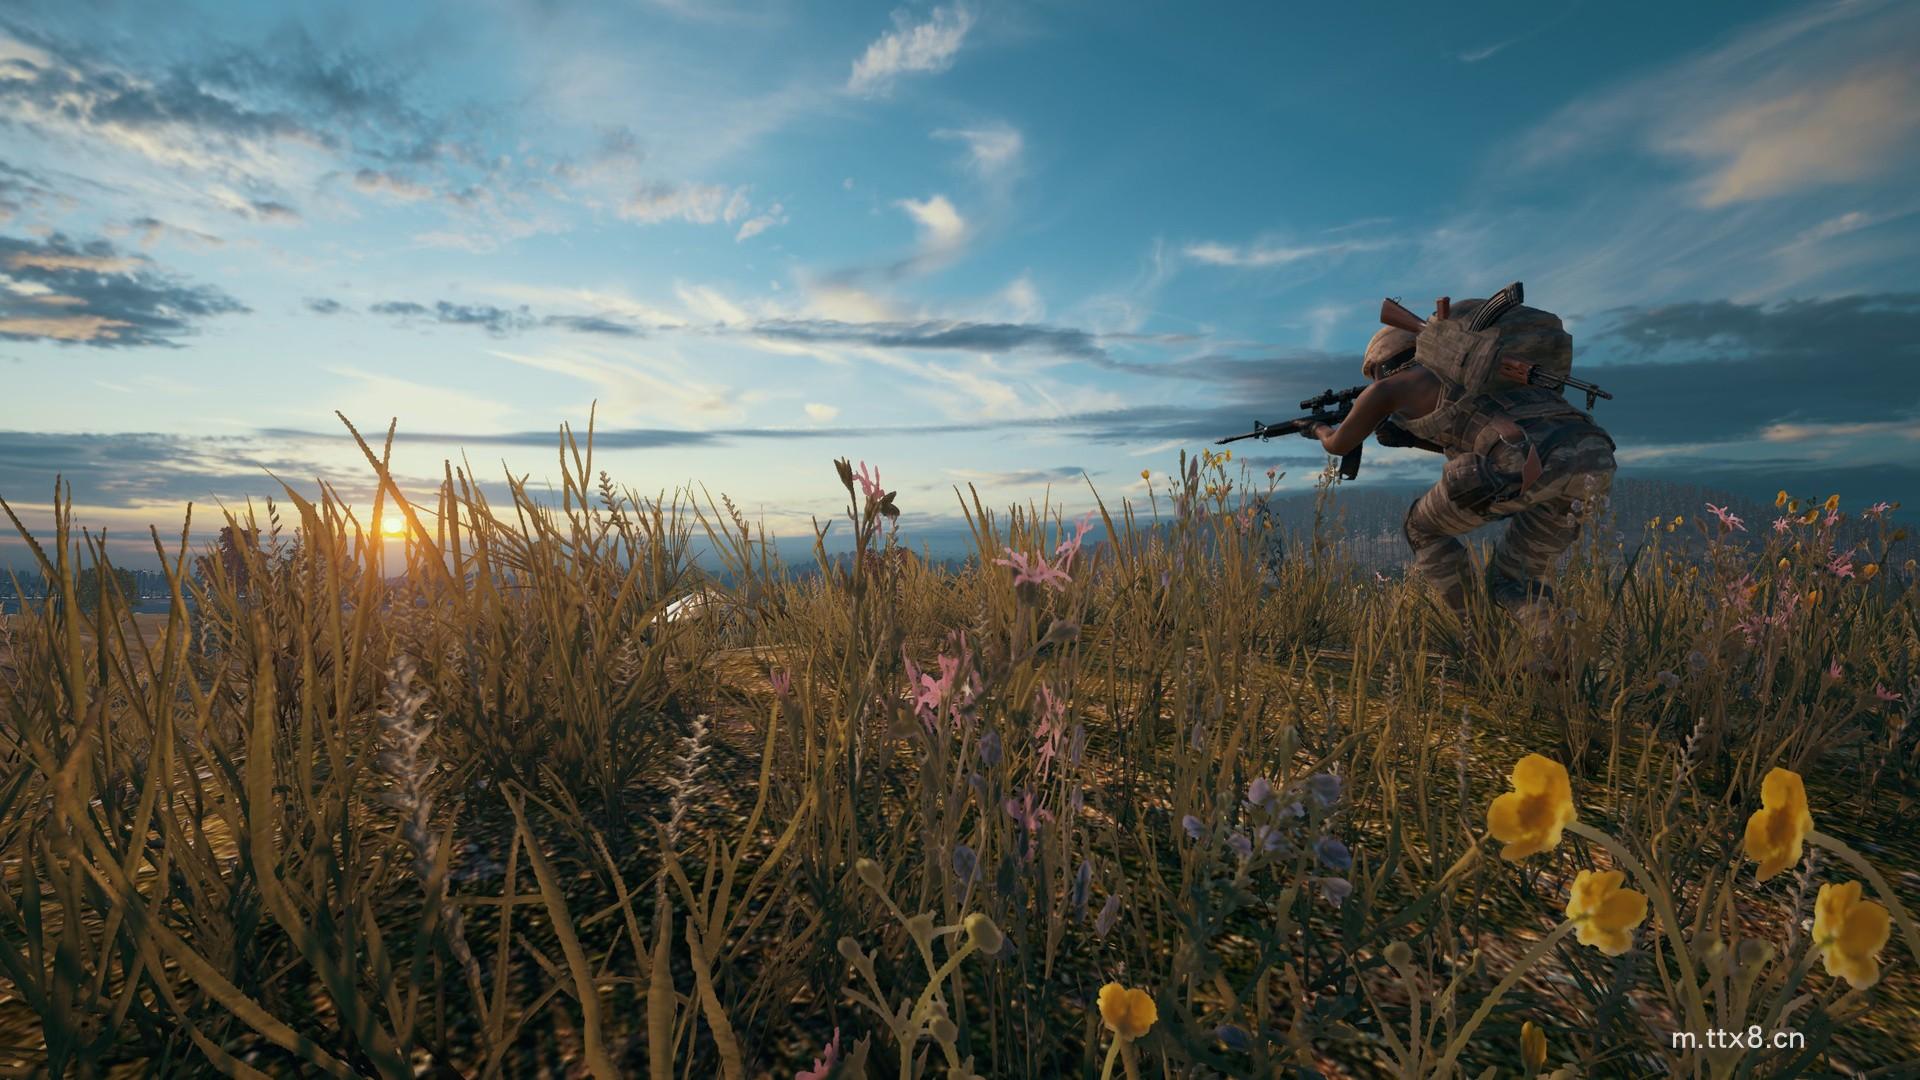 《绝地求生》高清游戏原画场景图片桌面壁纸4.jpg